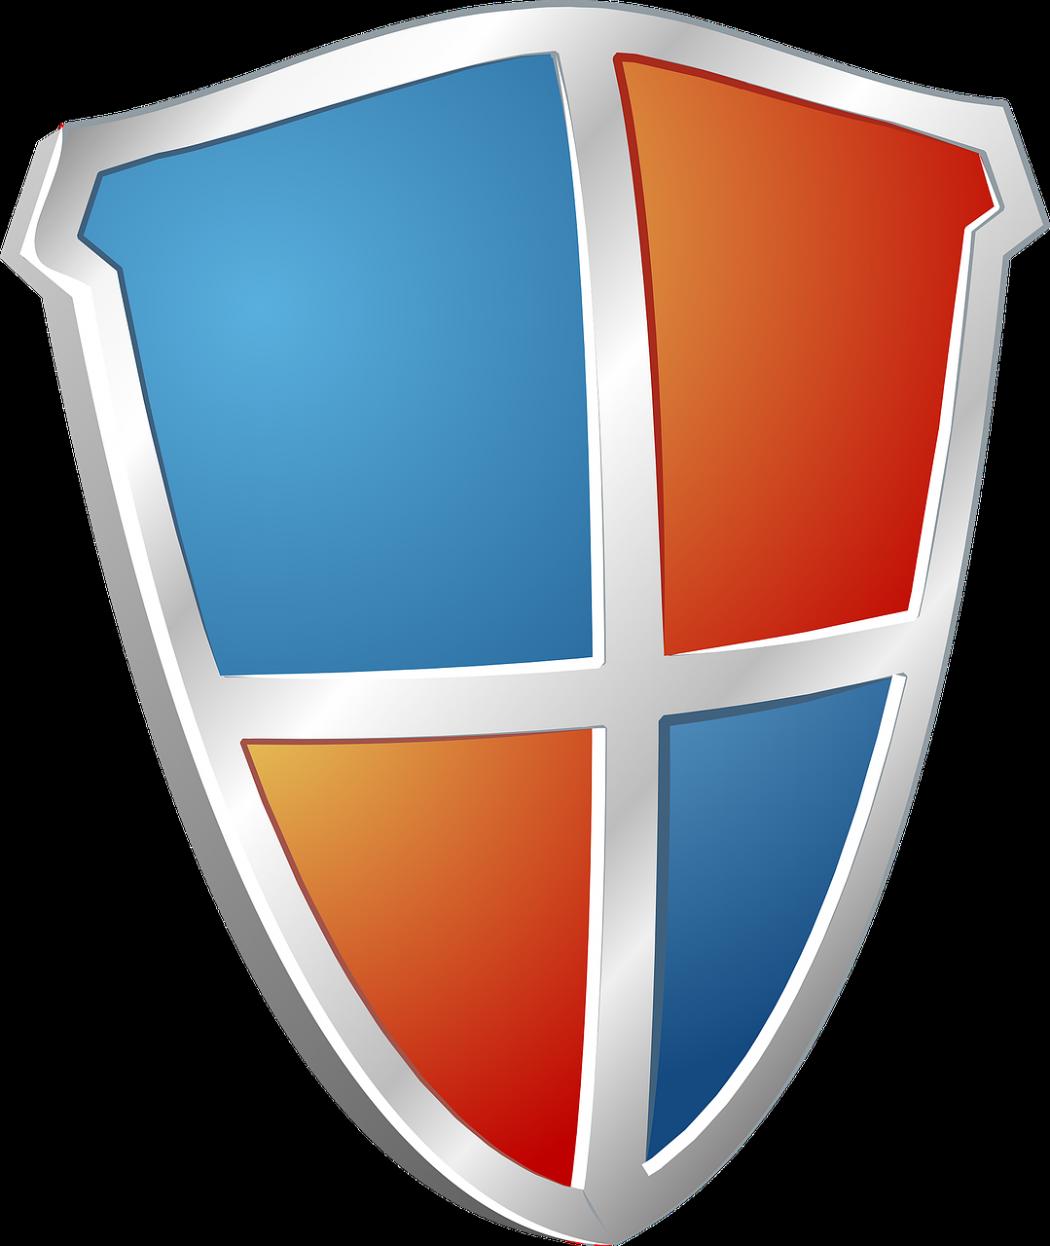 shield-31869_1280